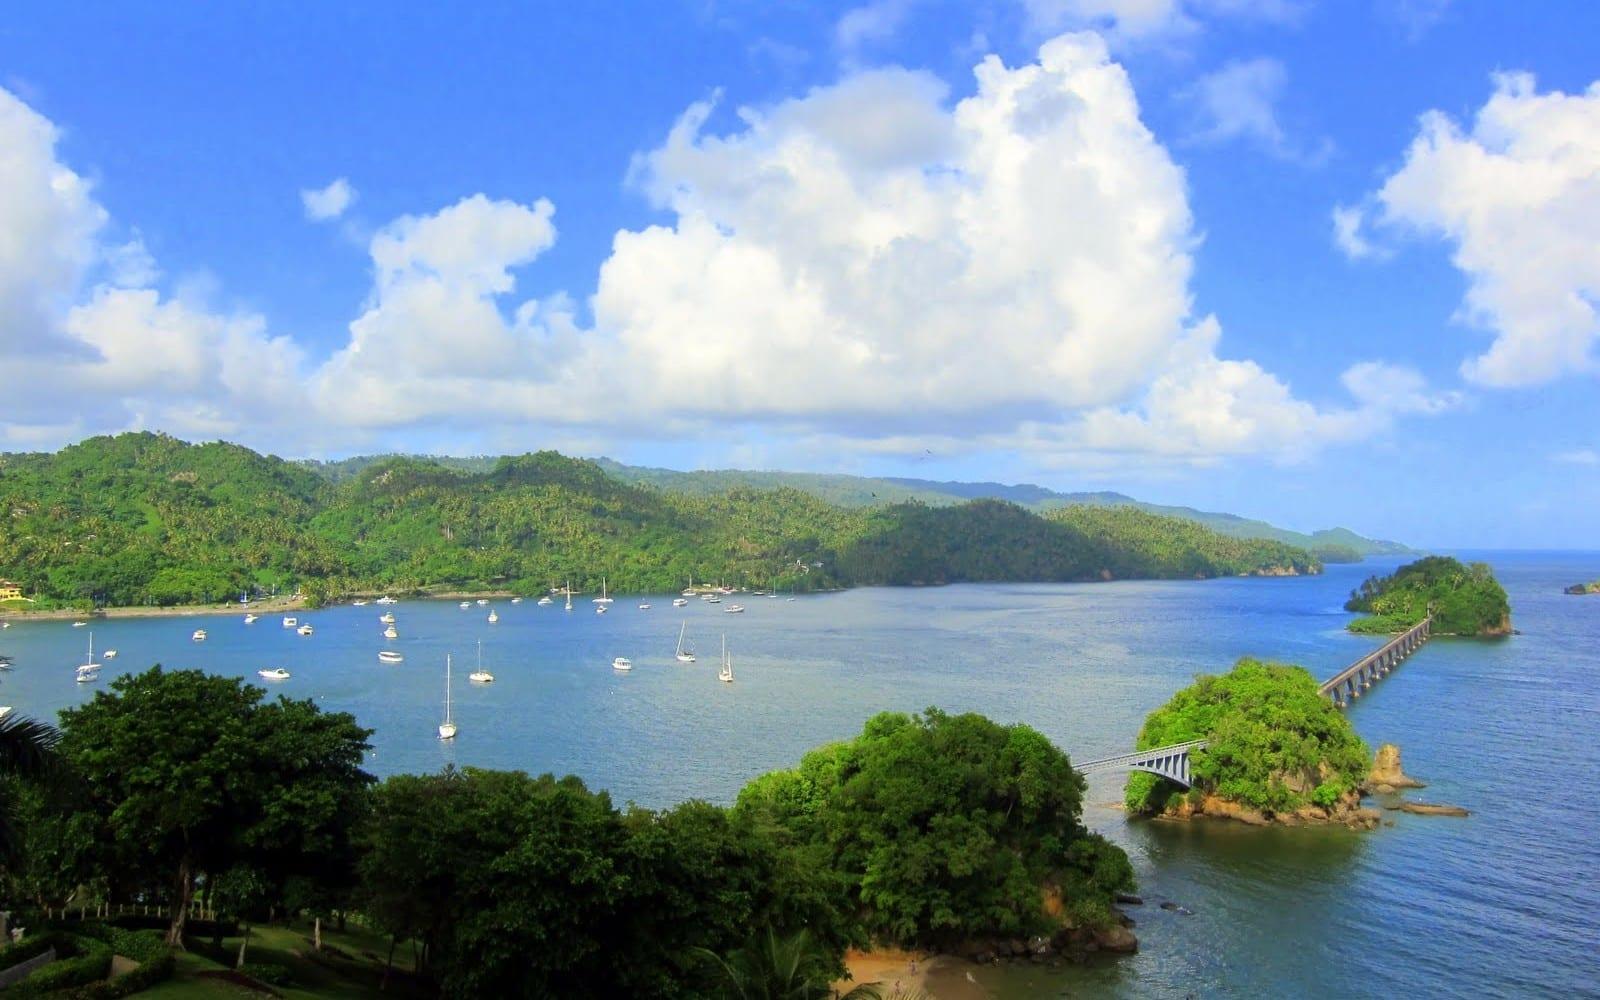 Scenes from the Dominican Republic's North Coast